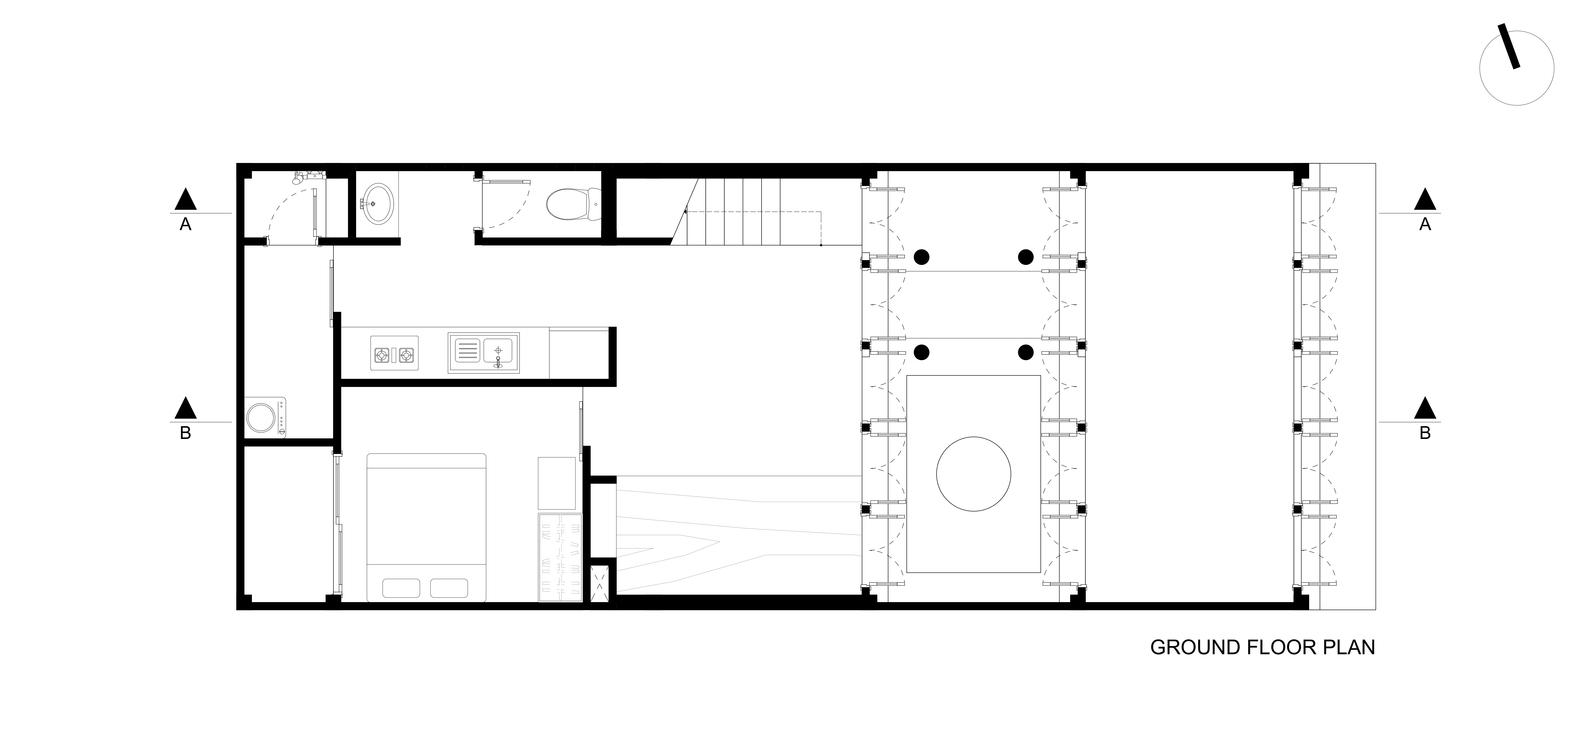 tama house - 1 1571220194 - Ngôi nhà mang đậm phong cách Nhật Bản giữa thành phố Tây Ninh